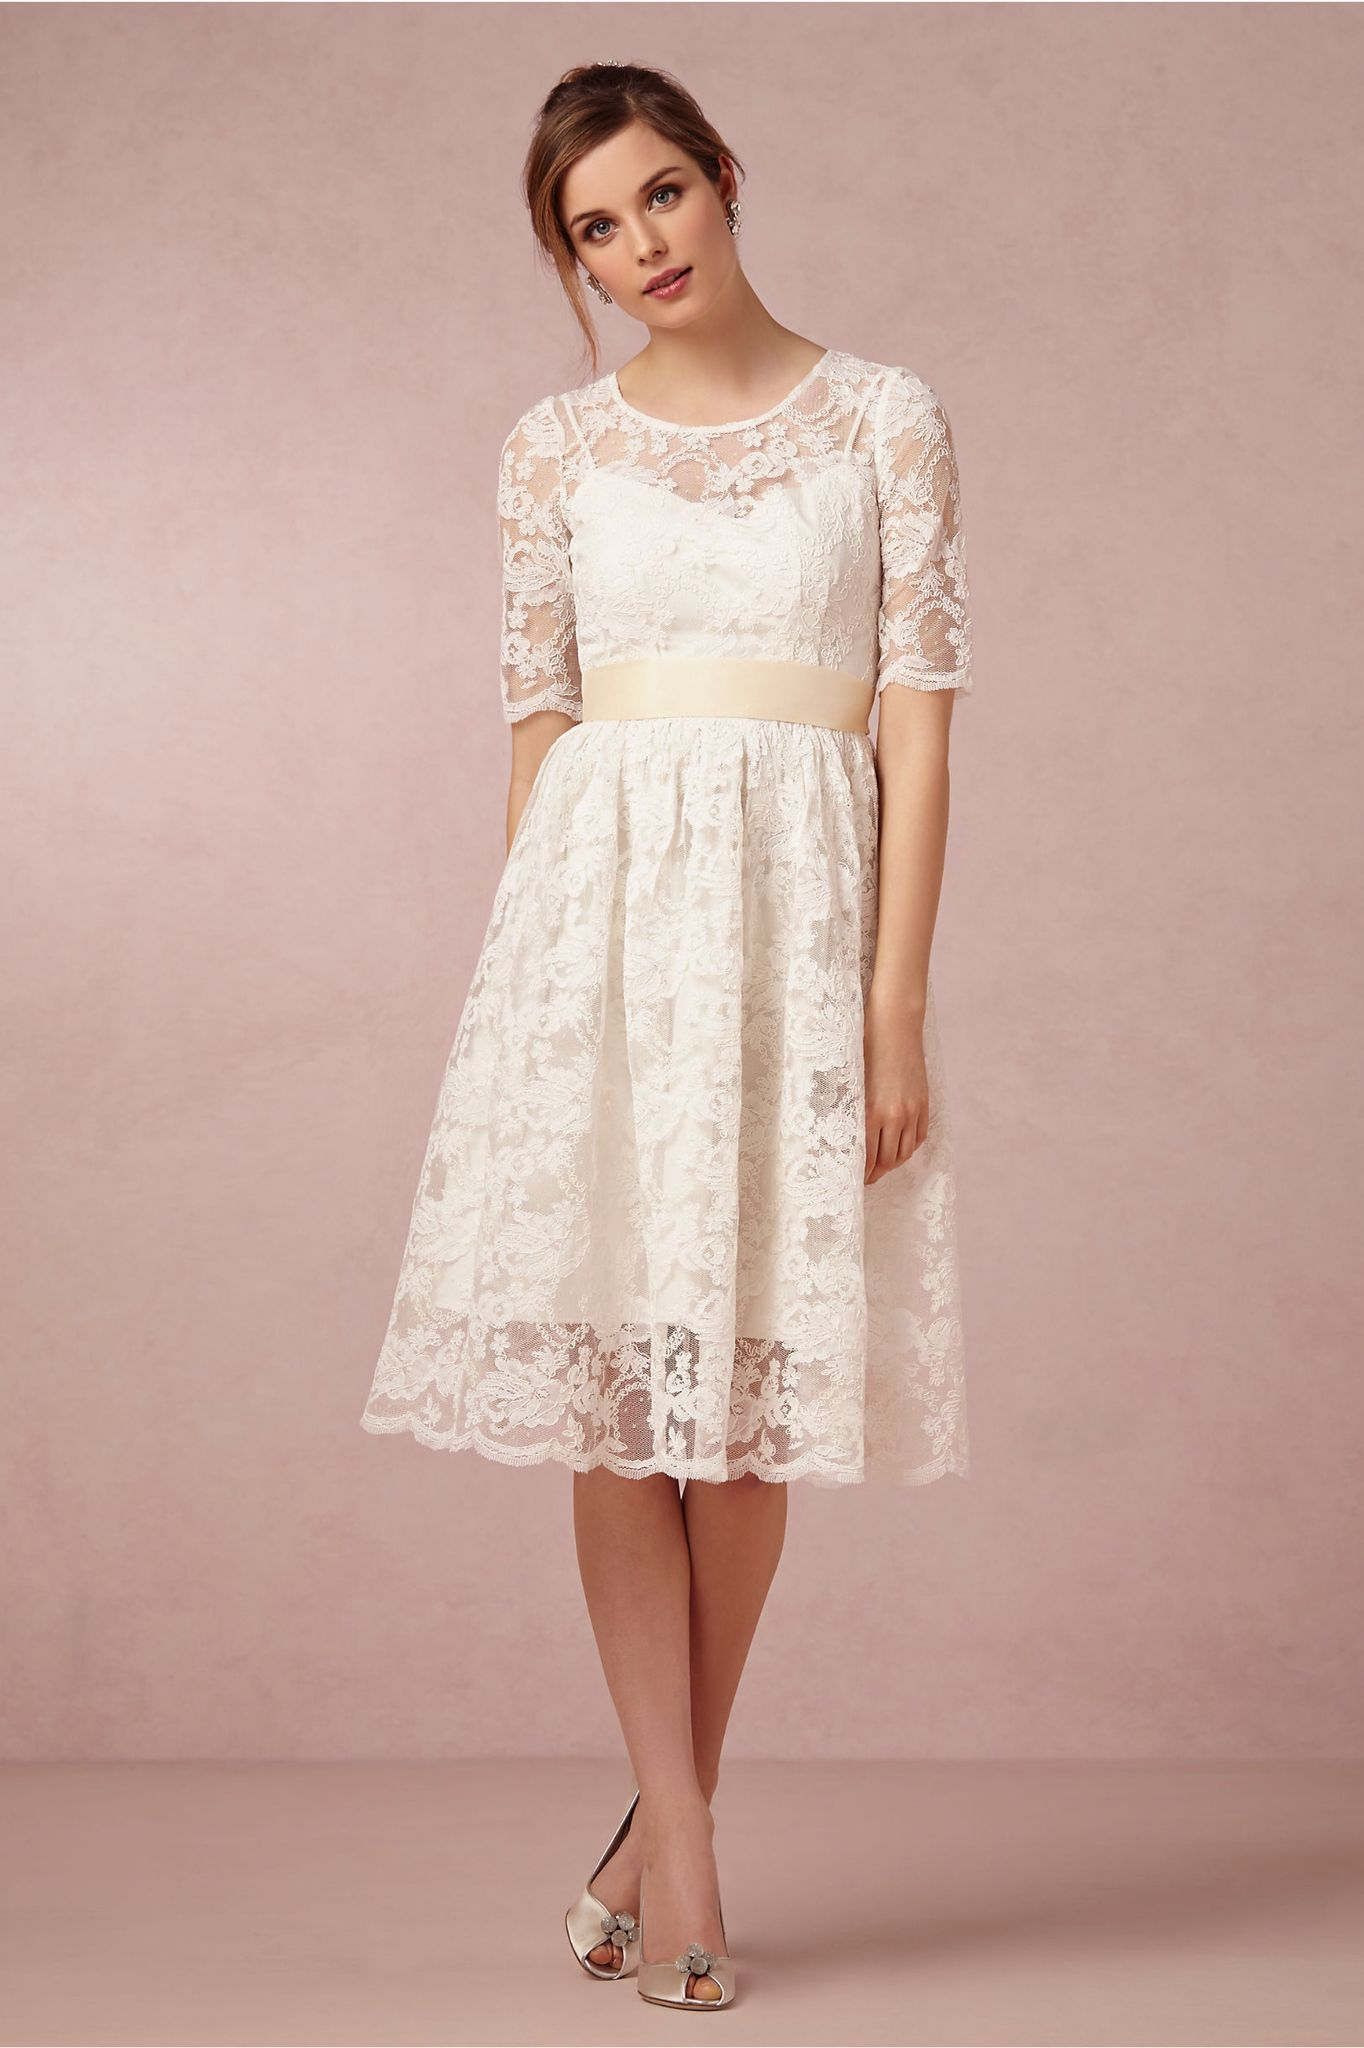 Vestido corto | Wedding | Pinterest | Vestidos cortos, Vestiditos y Boda